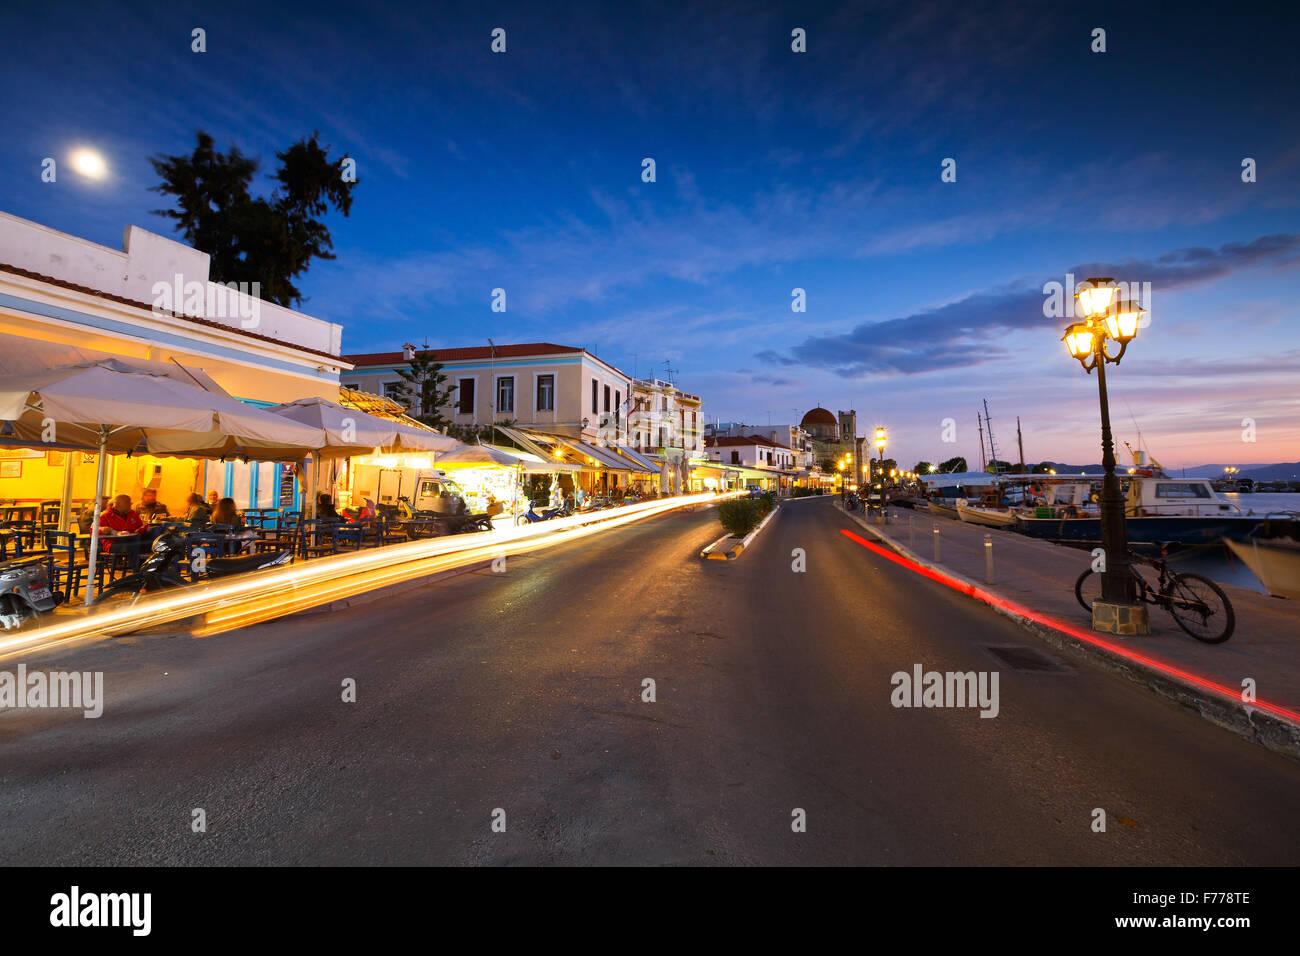 Vue sur la mer, avec des cafés, bars et restaurants et des bateaux de pêche dans le port de l'île Photo Stock